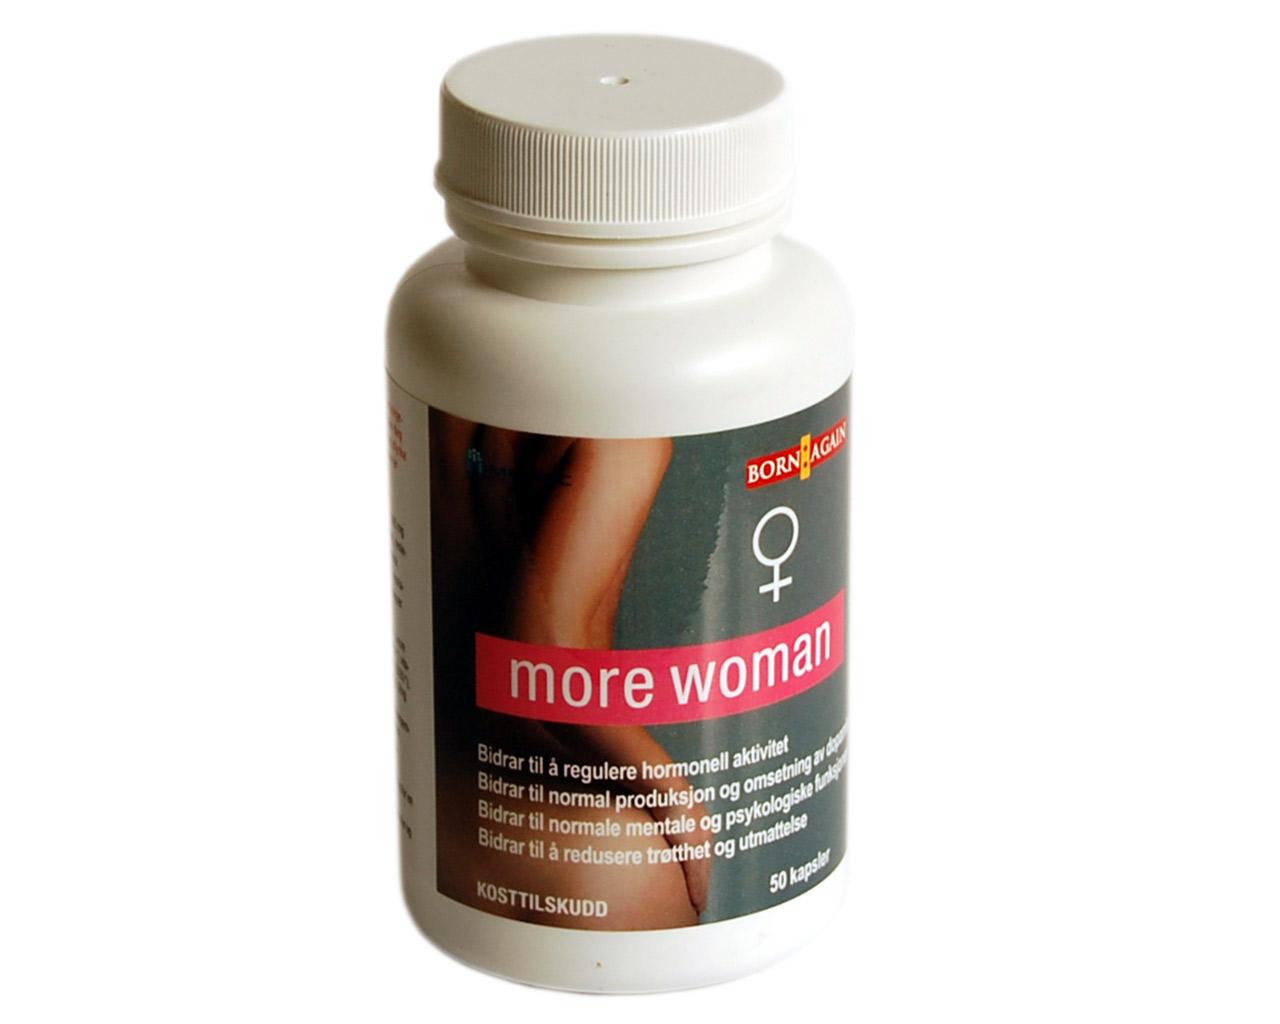 kombinera Paroxetin med More Woman